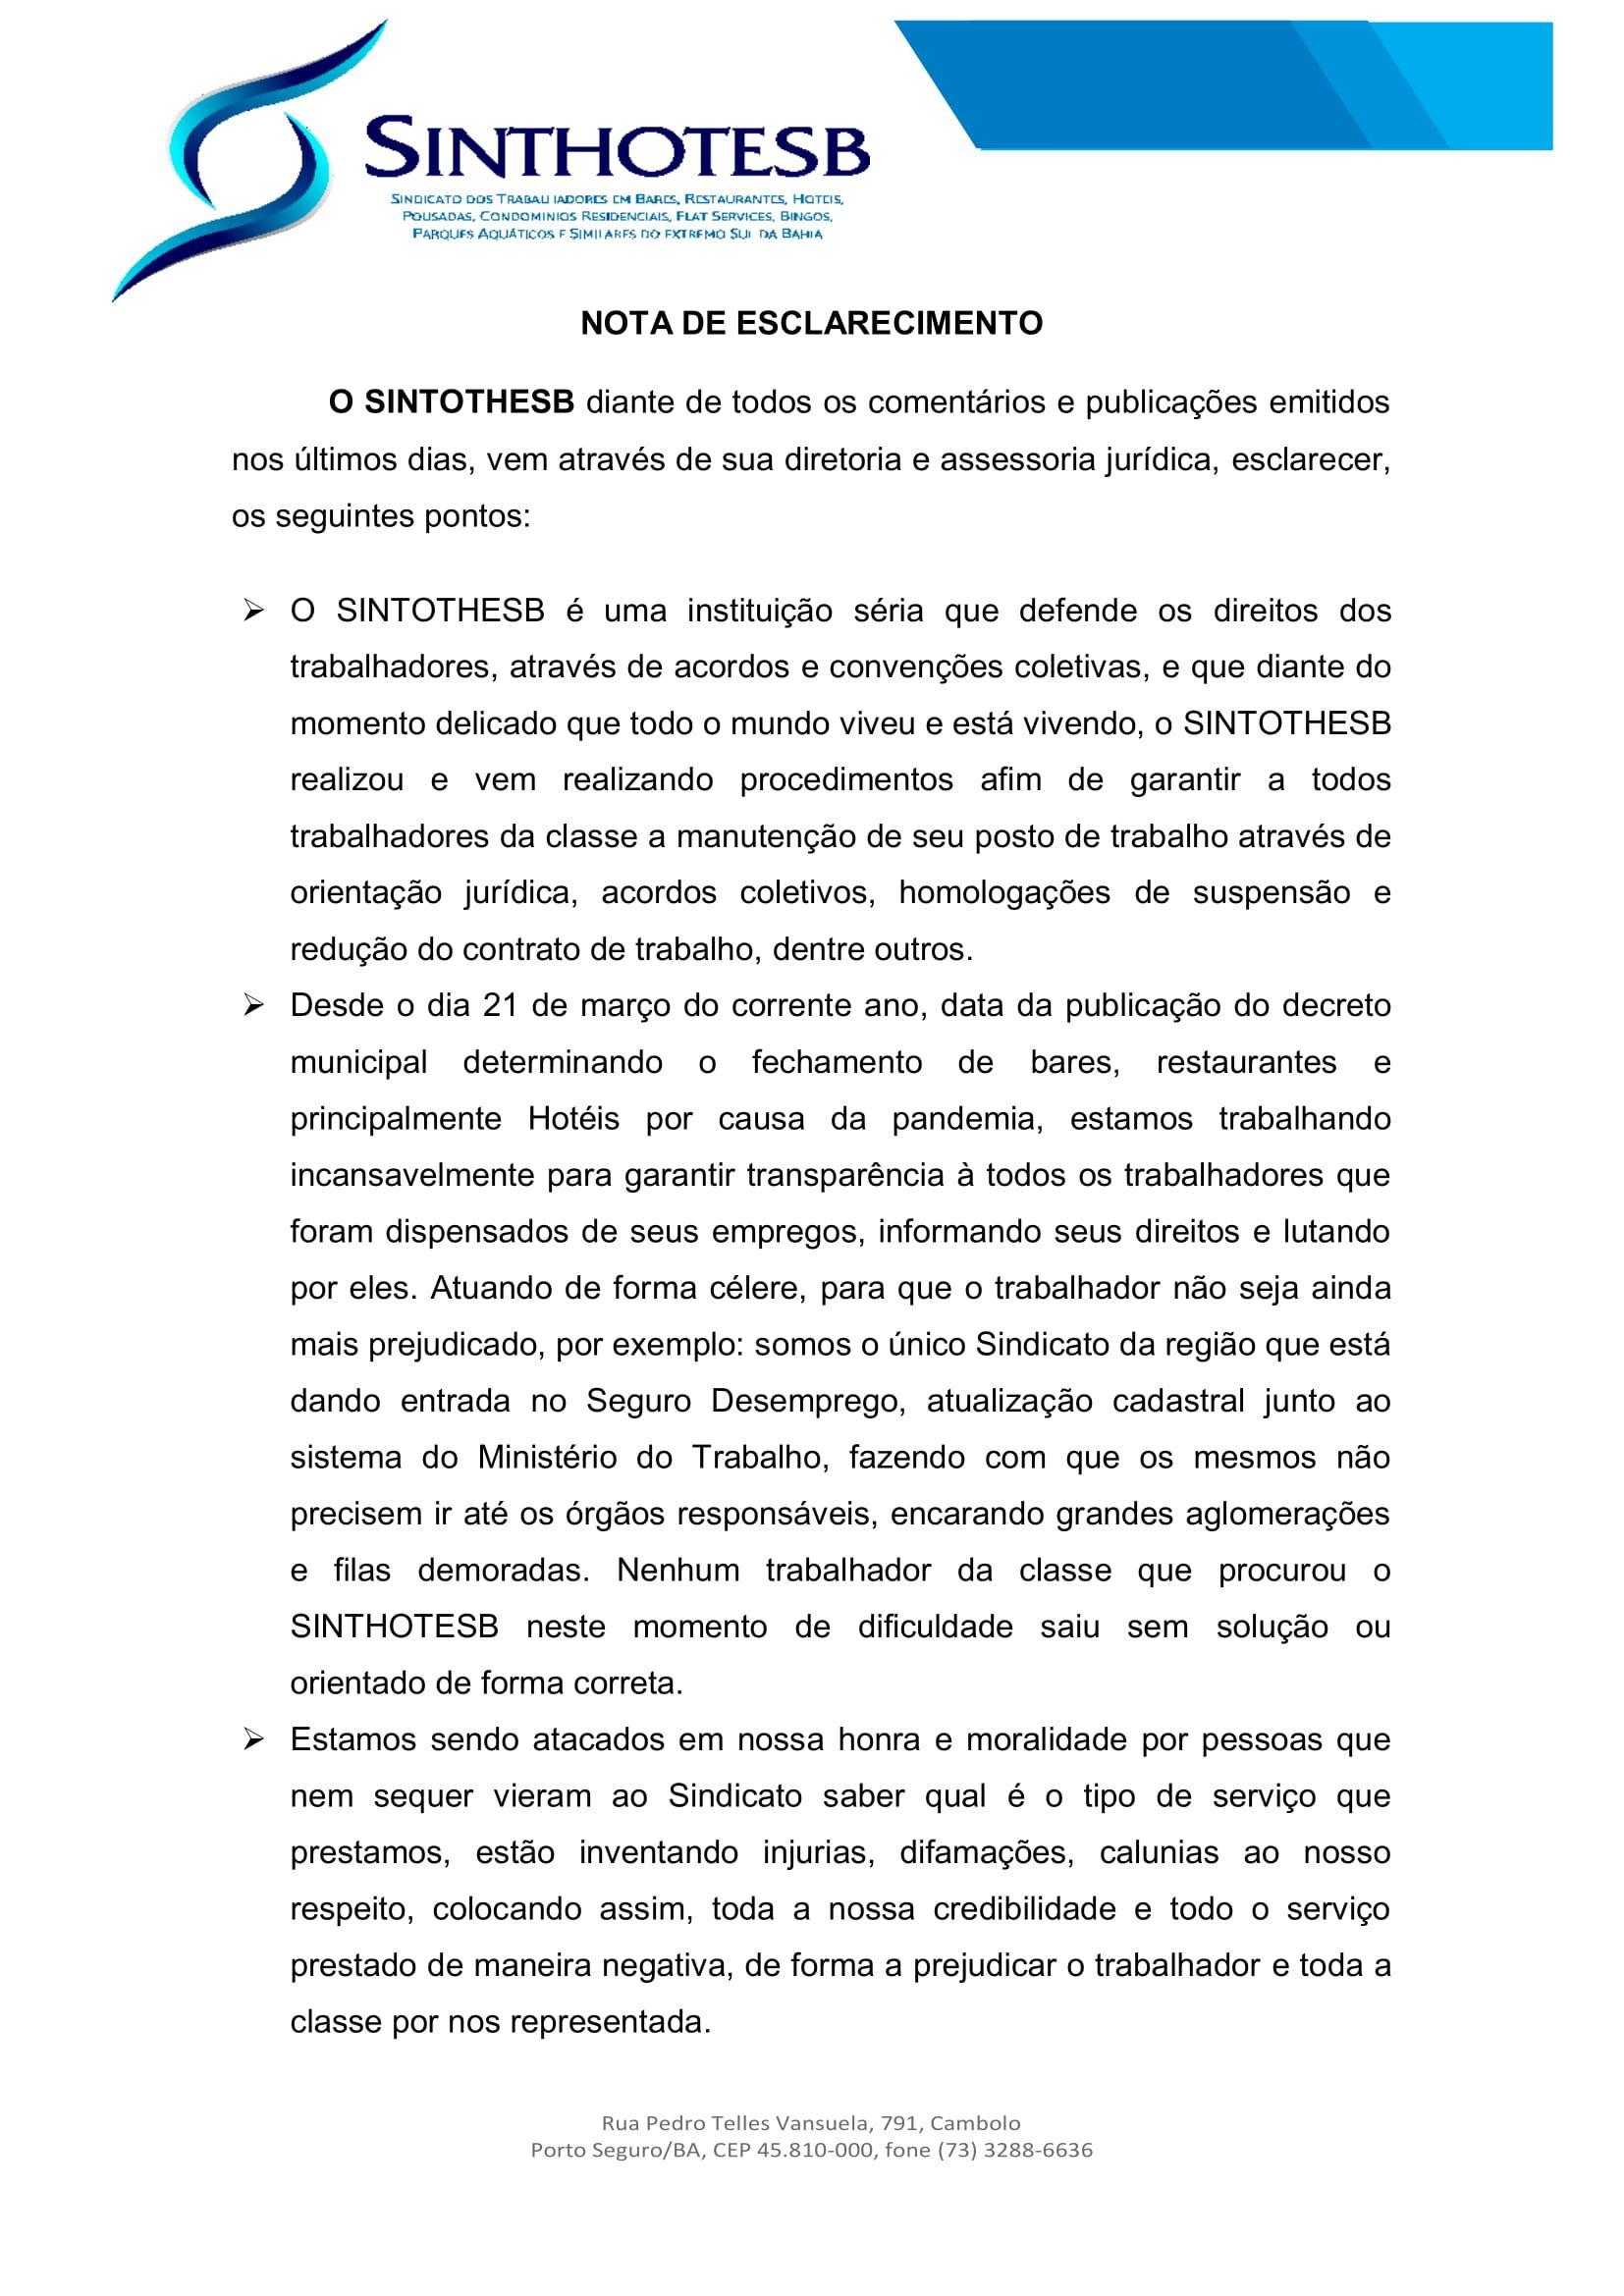 nota_de_esclarecimento_01.2020_(2)-1_(1)